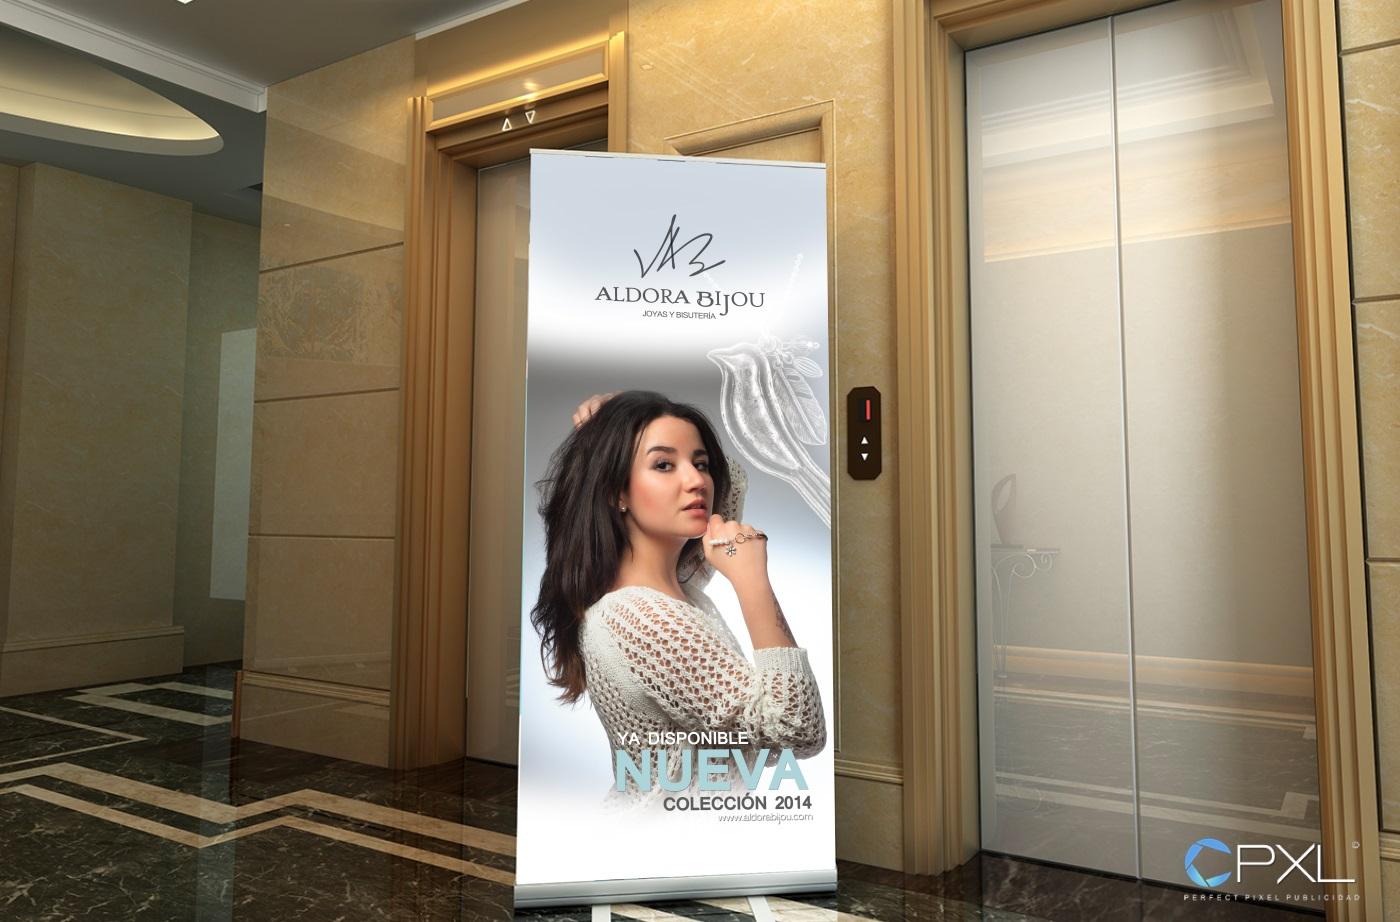 Diseño de roll up y fotografía de anuncio para marca de joyas - Aldora Bijou